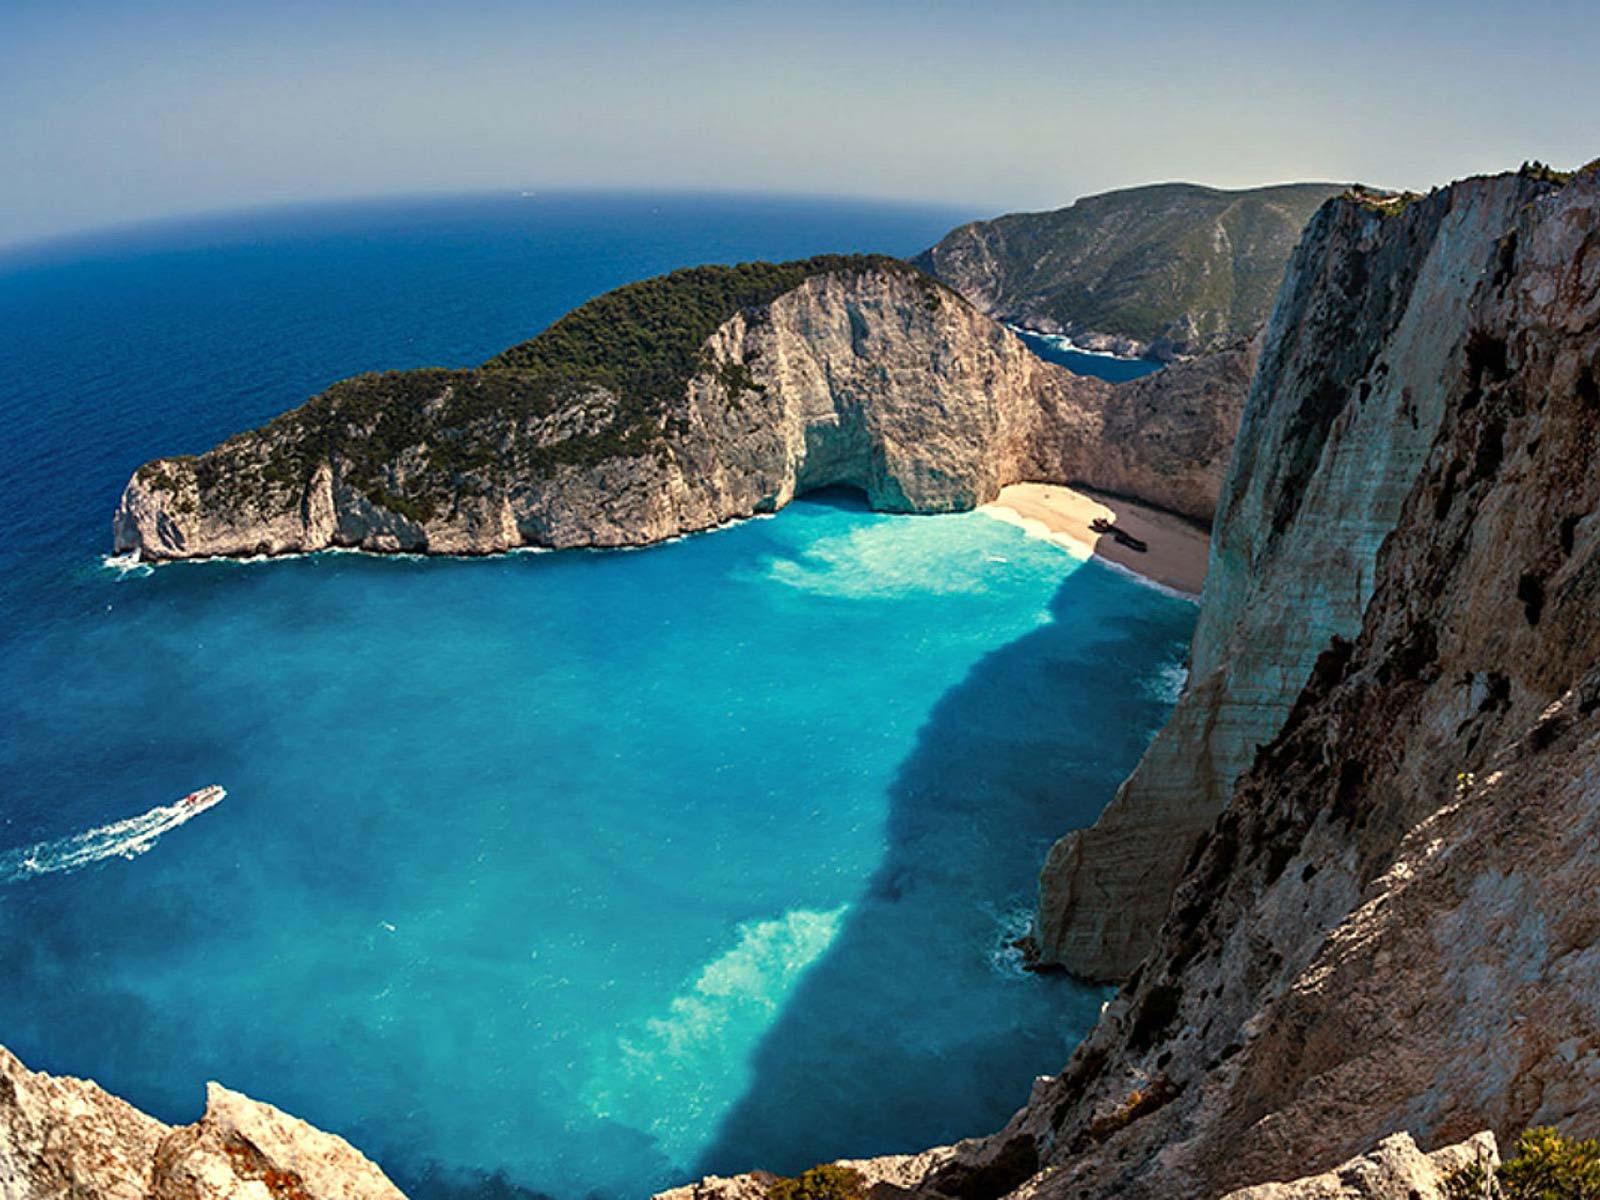 красивые места в греции фото с названиями и описанием запрос кавычки гвоздика